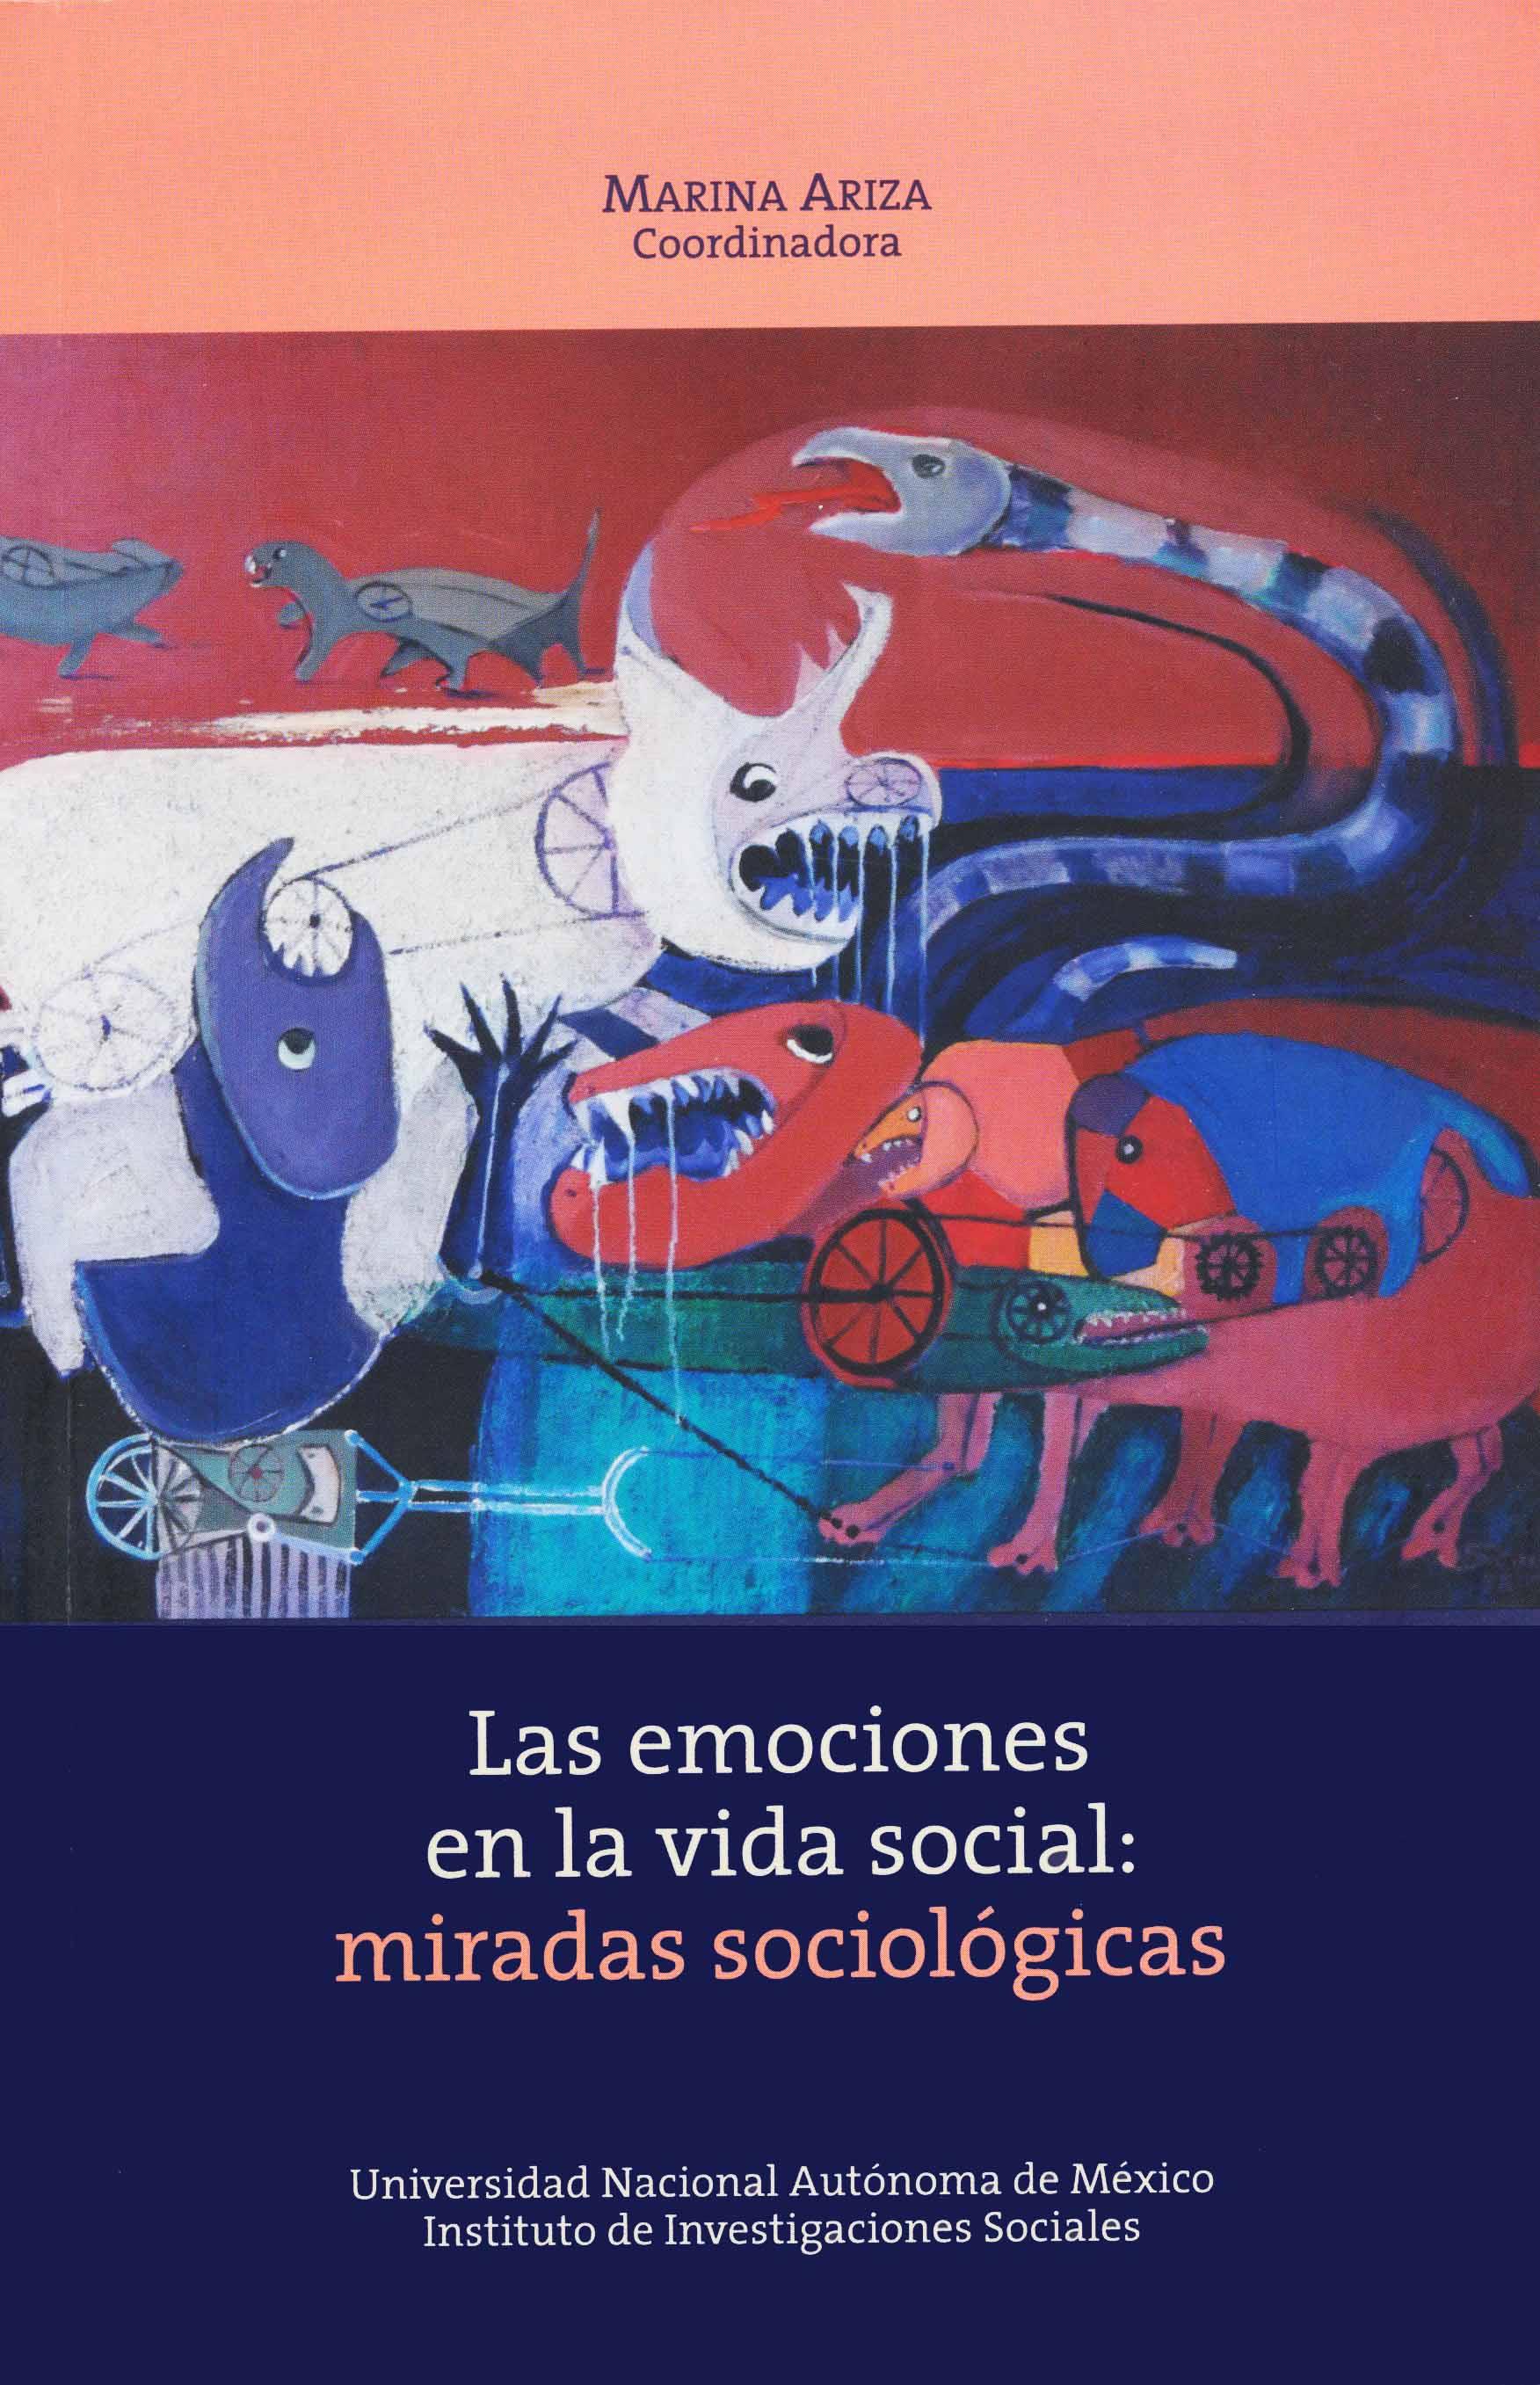 Las emociones en la vida social: miradas sociológicas